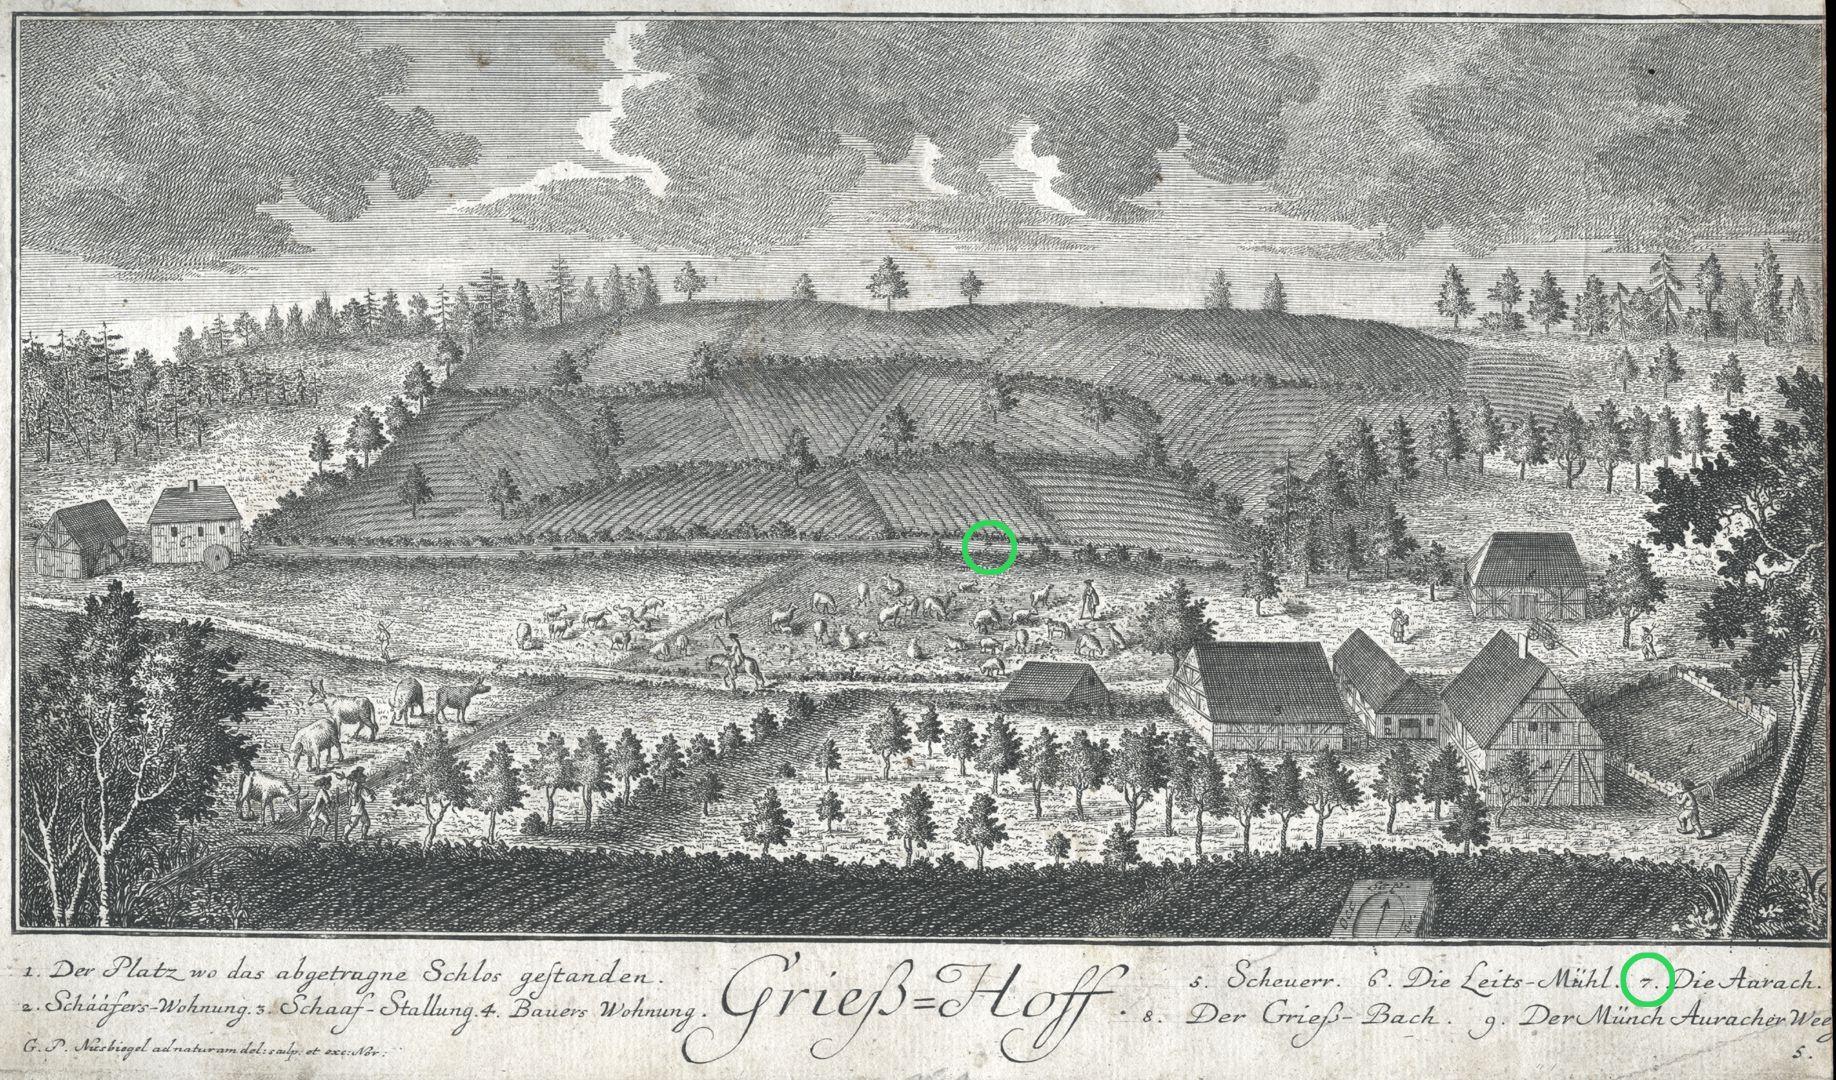 Grieß=Hoff  (Griess farm) River Aurach